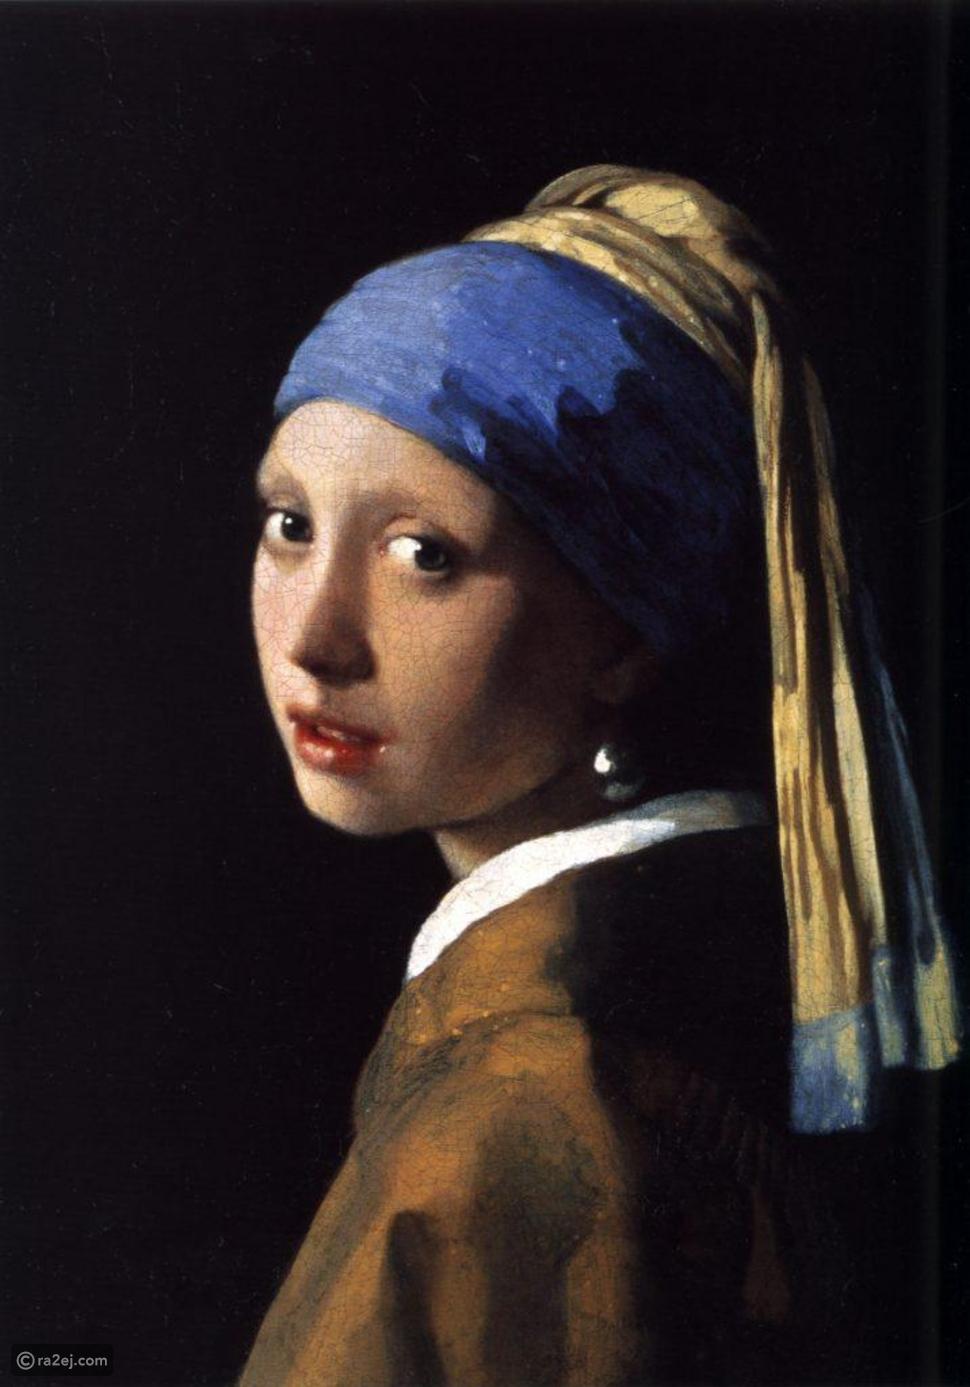 اكتشافات غريبة حدثت مؤخراً: عن أعظم اللوحات الفنية عبر التاريخ